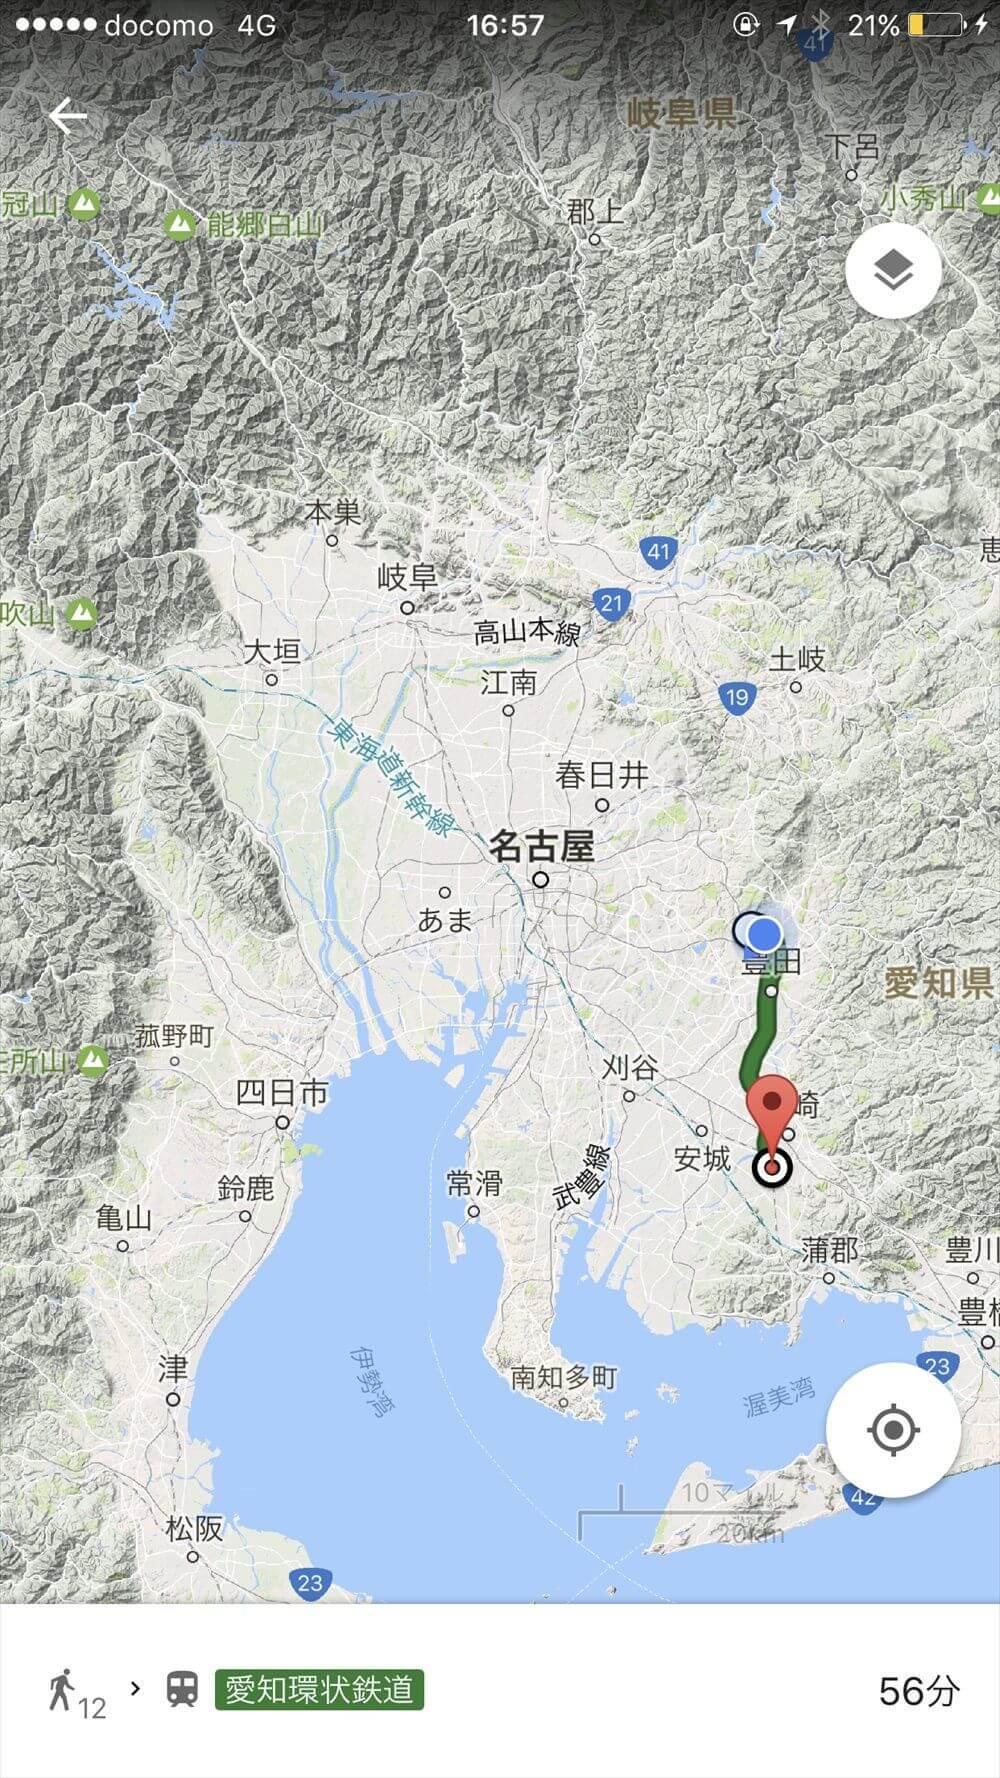 愛知環状鉄道線のルート